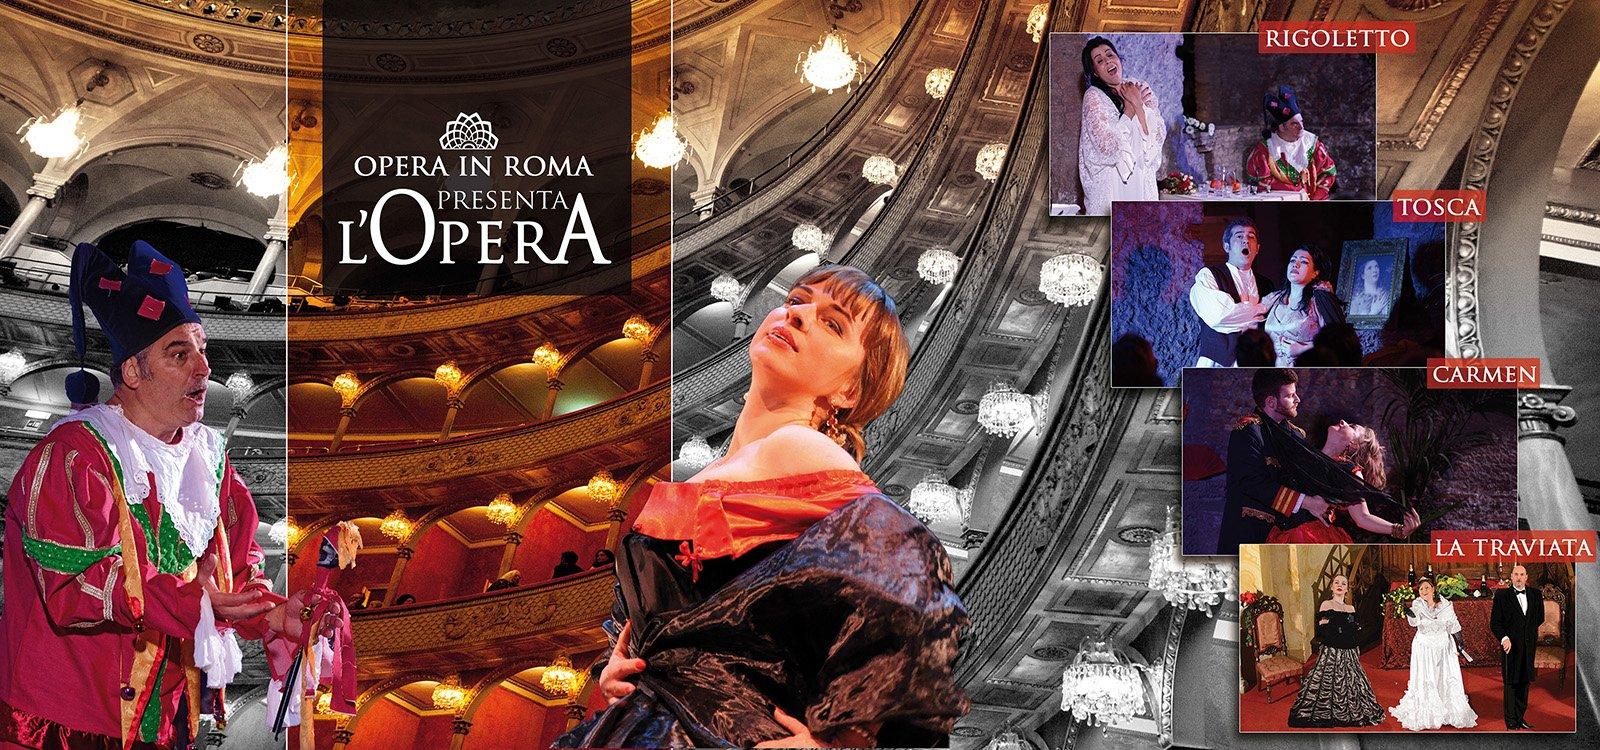 Opera in Roma Opera